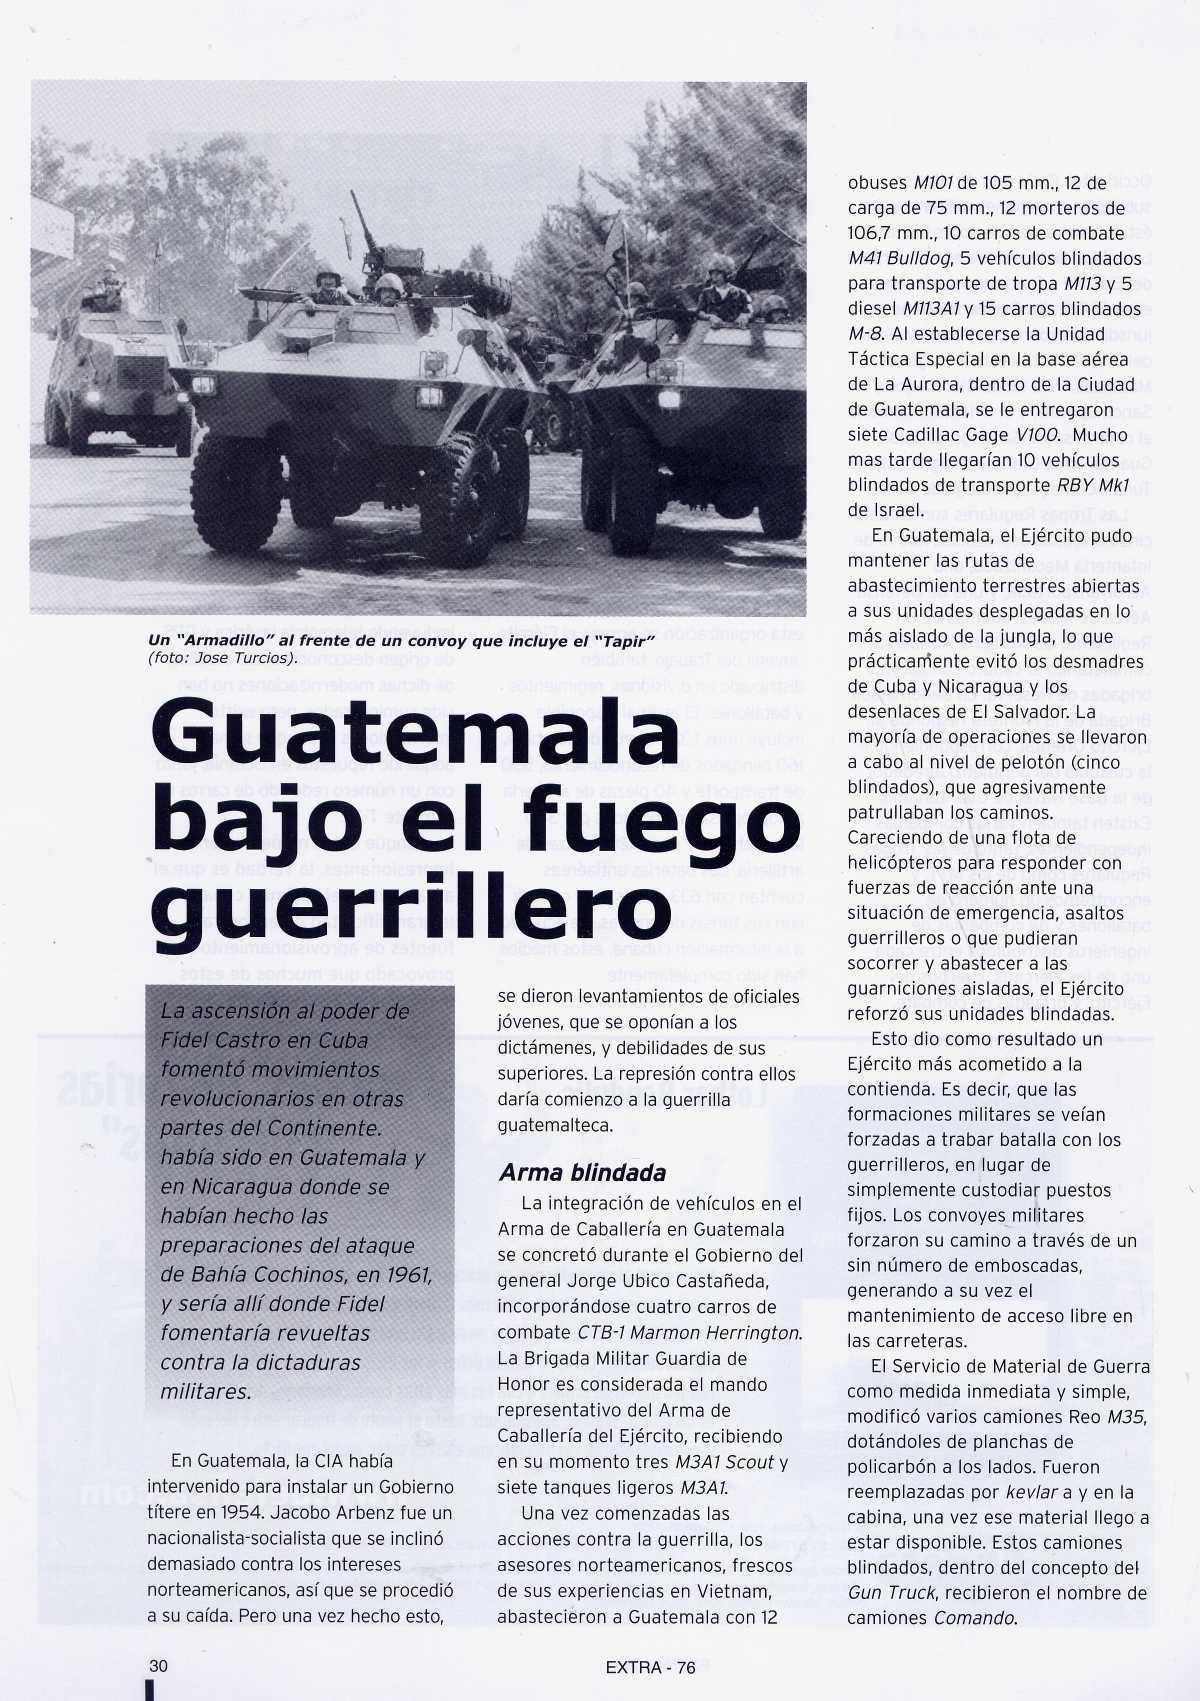 Fuerzas Armadas de Guatemala - Página 5 ARMADILLO_UN_333